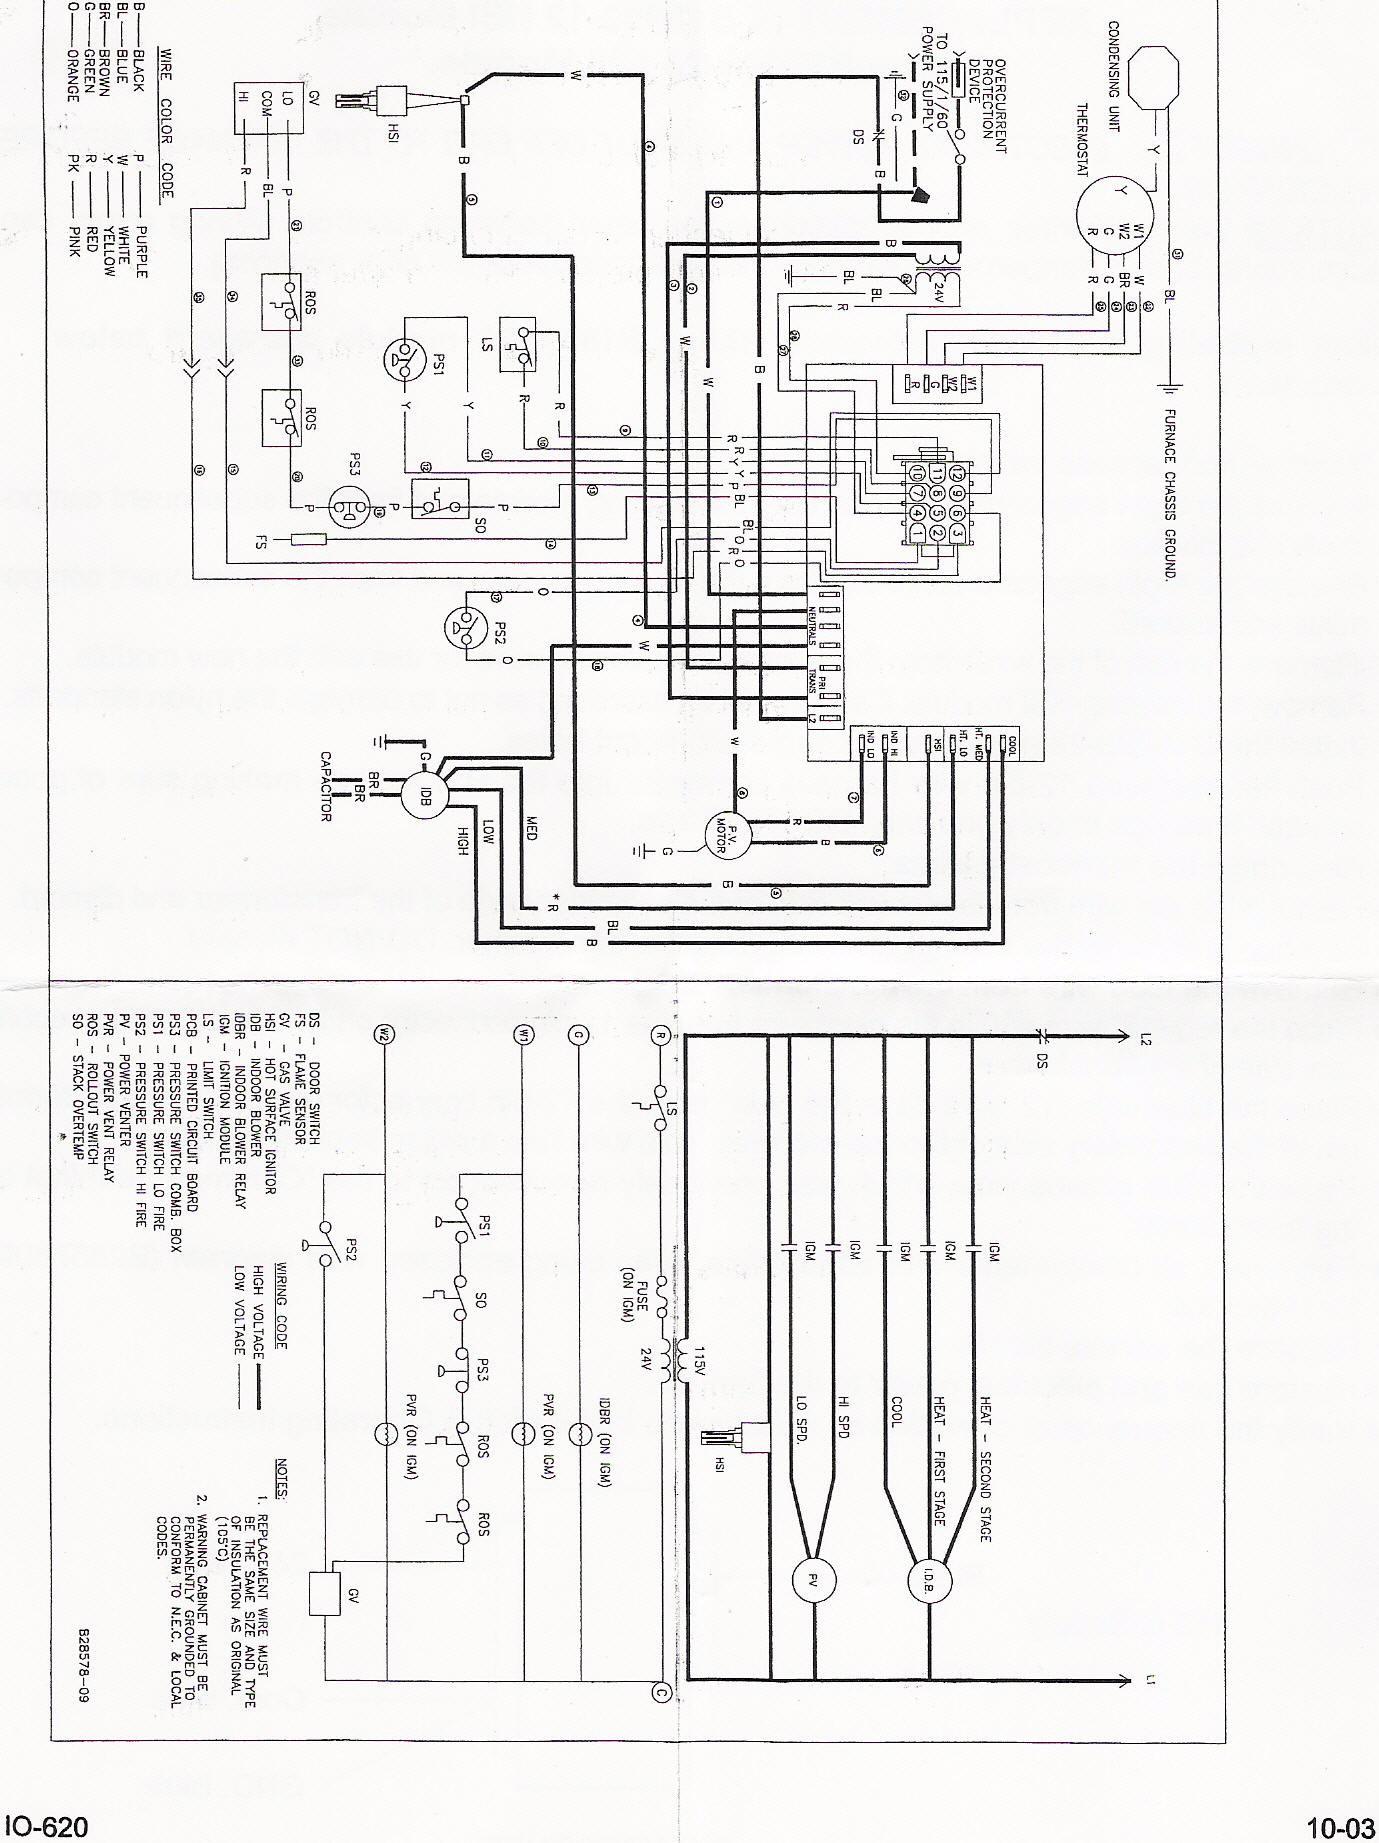 Interav Alternator Wiring Diagram